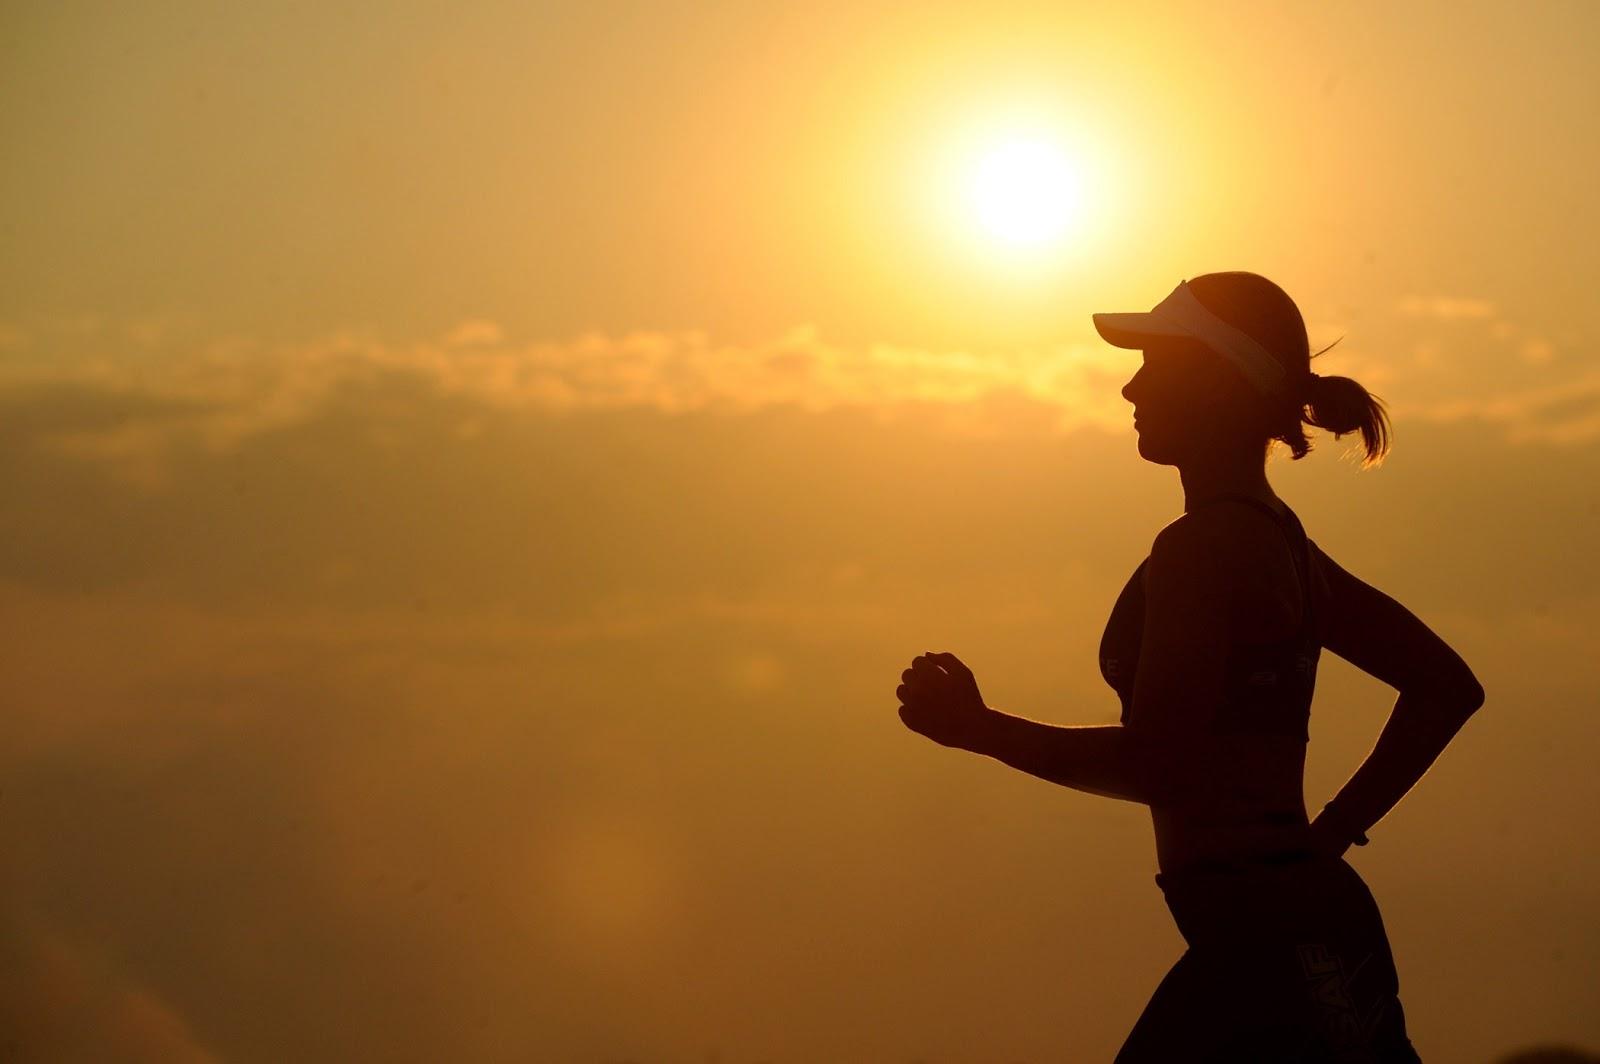 長距離の女性走者の横向きのシルエット